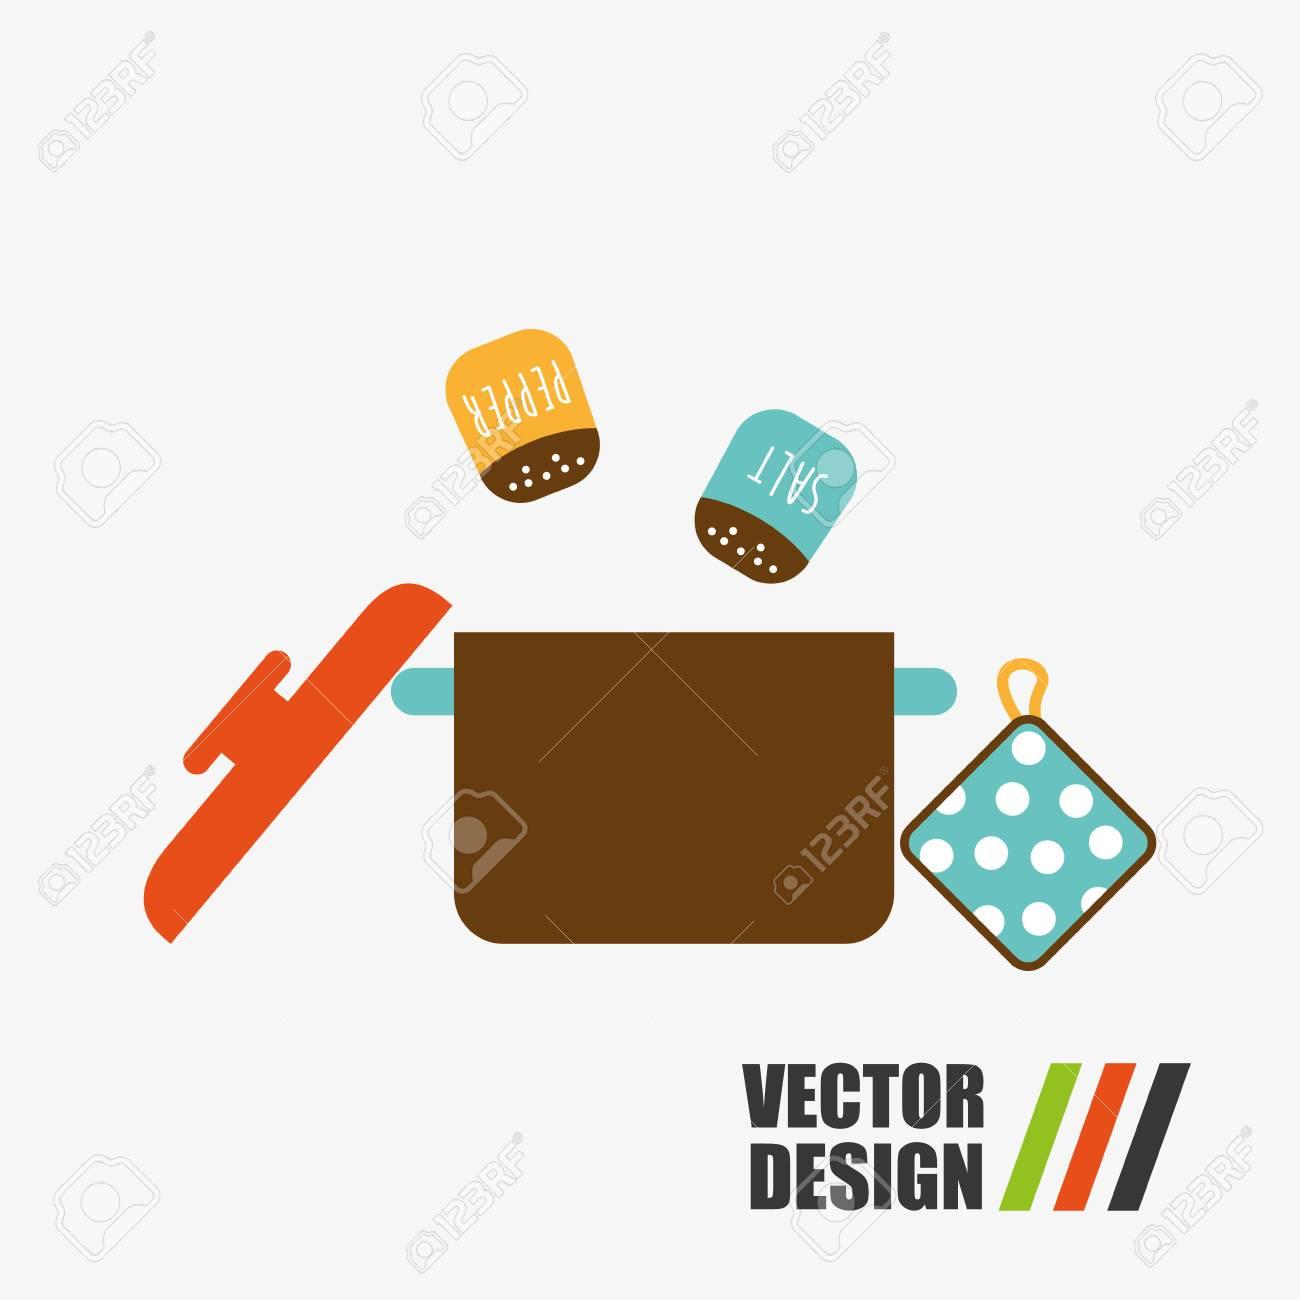 Utensili Da Cucina Di Design, Illustrazione Grafica Vettoriale Eps10 ...